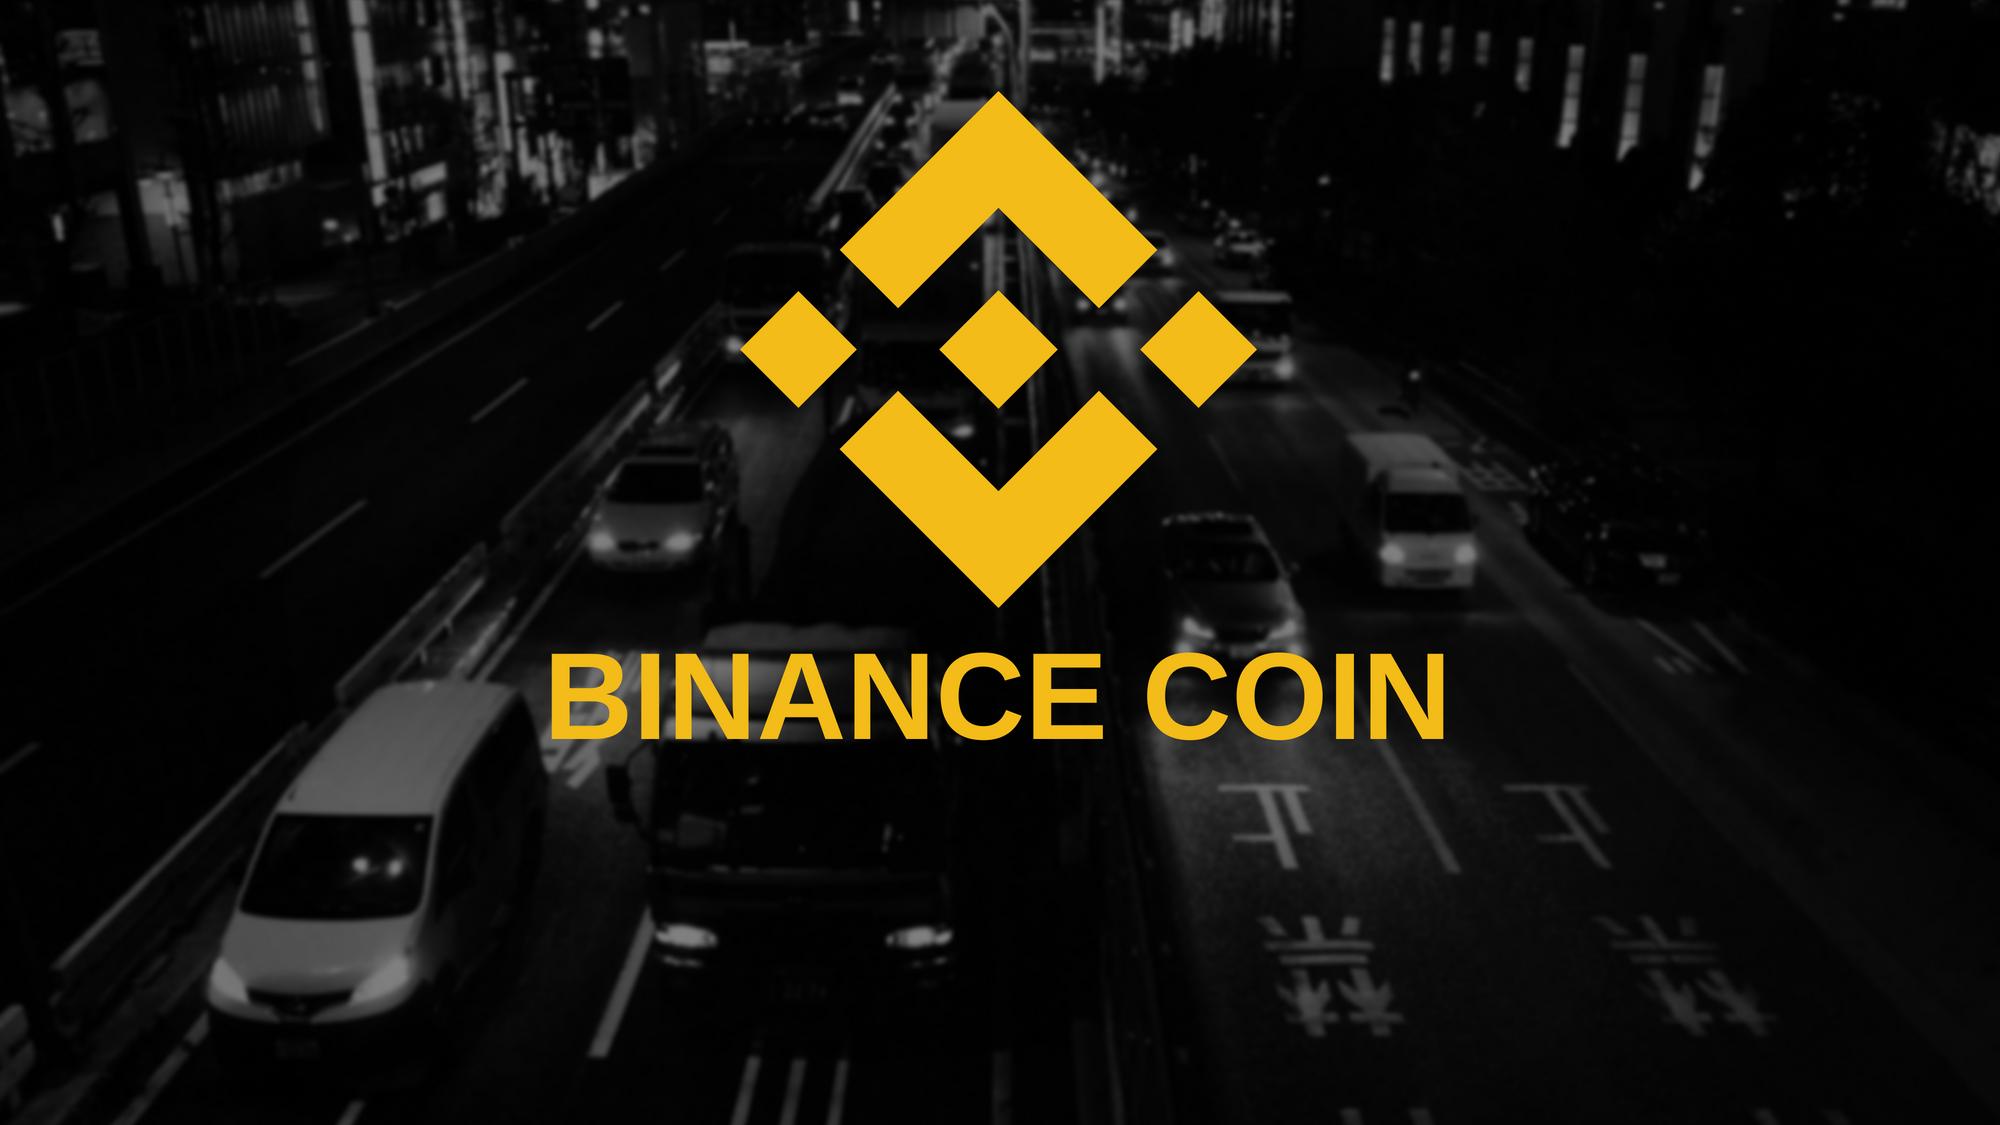 đồng tiền Binance bắt đầu xuất hiện trên chuỗi khối Ethereum.